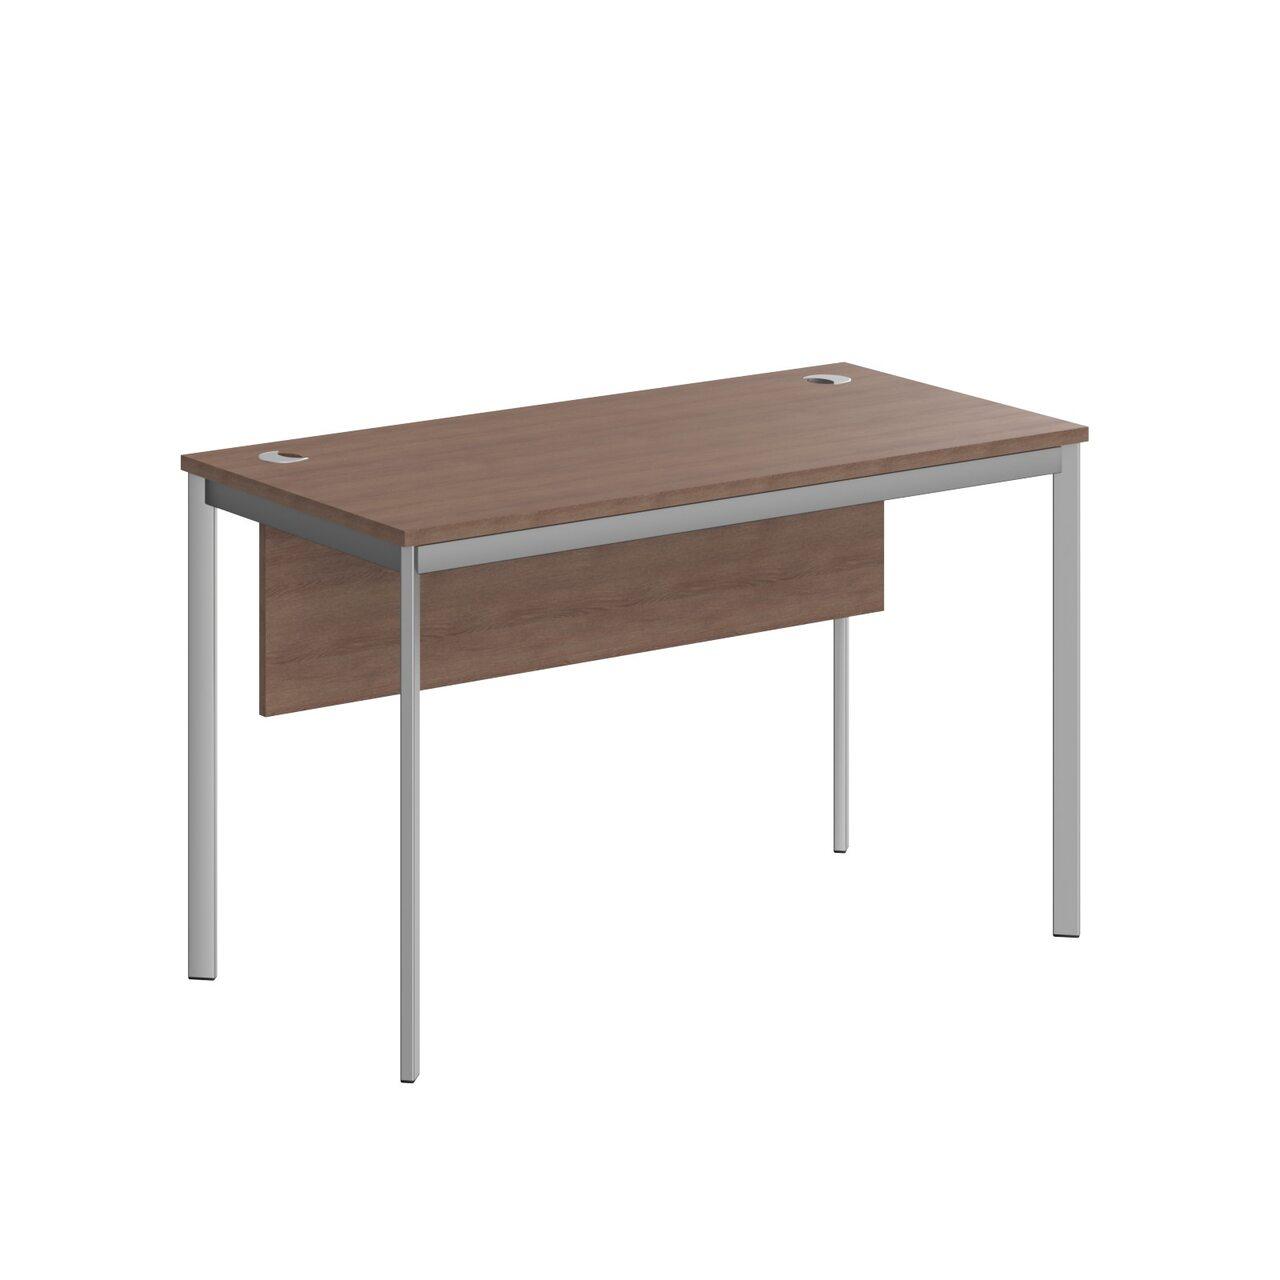 Стол прямой с фрональной панелью  IMAGO-S 120x60x76 - фото 4